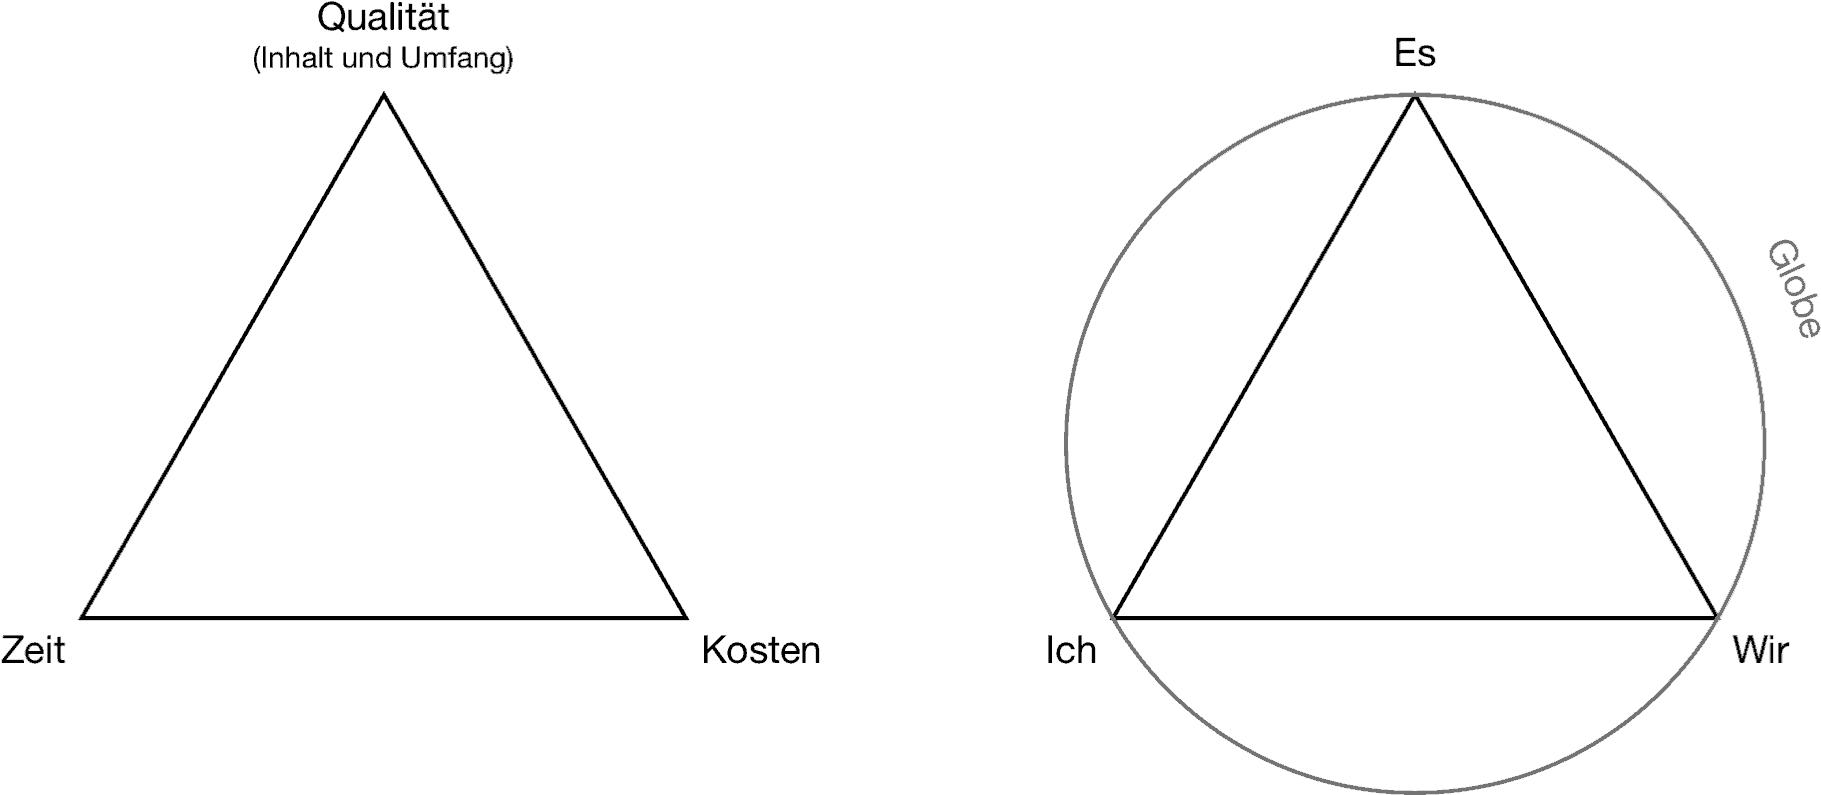 """Das """"magische Dreieck"""" des Projektmanagements und das TZI-Dreieck der Themenzentrierten Interaktion"""